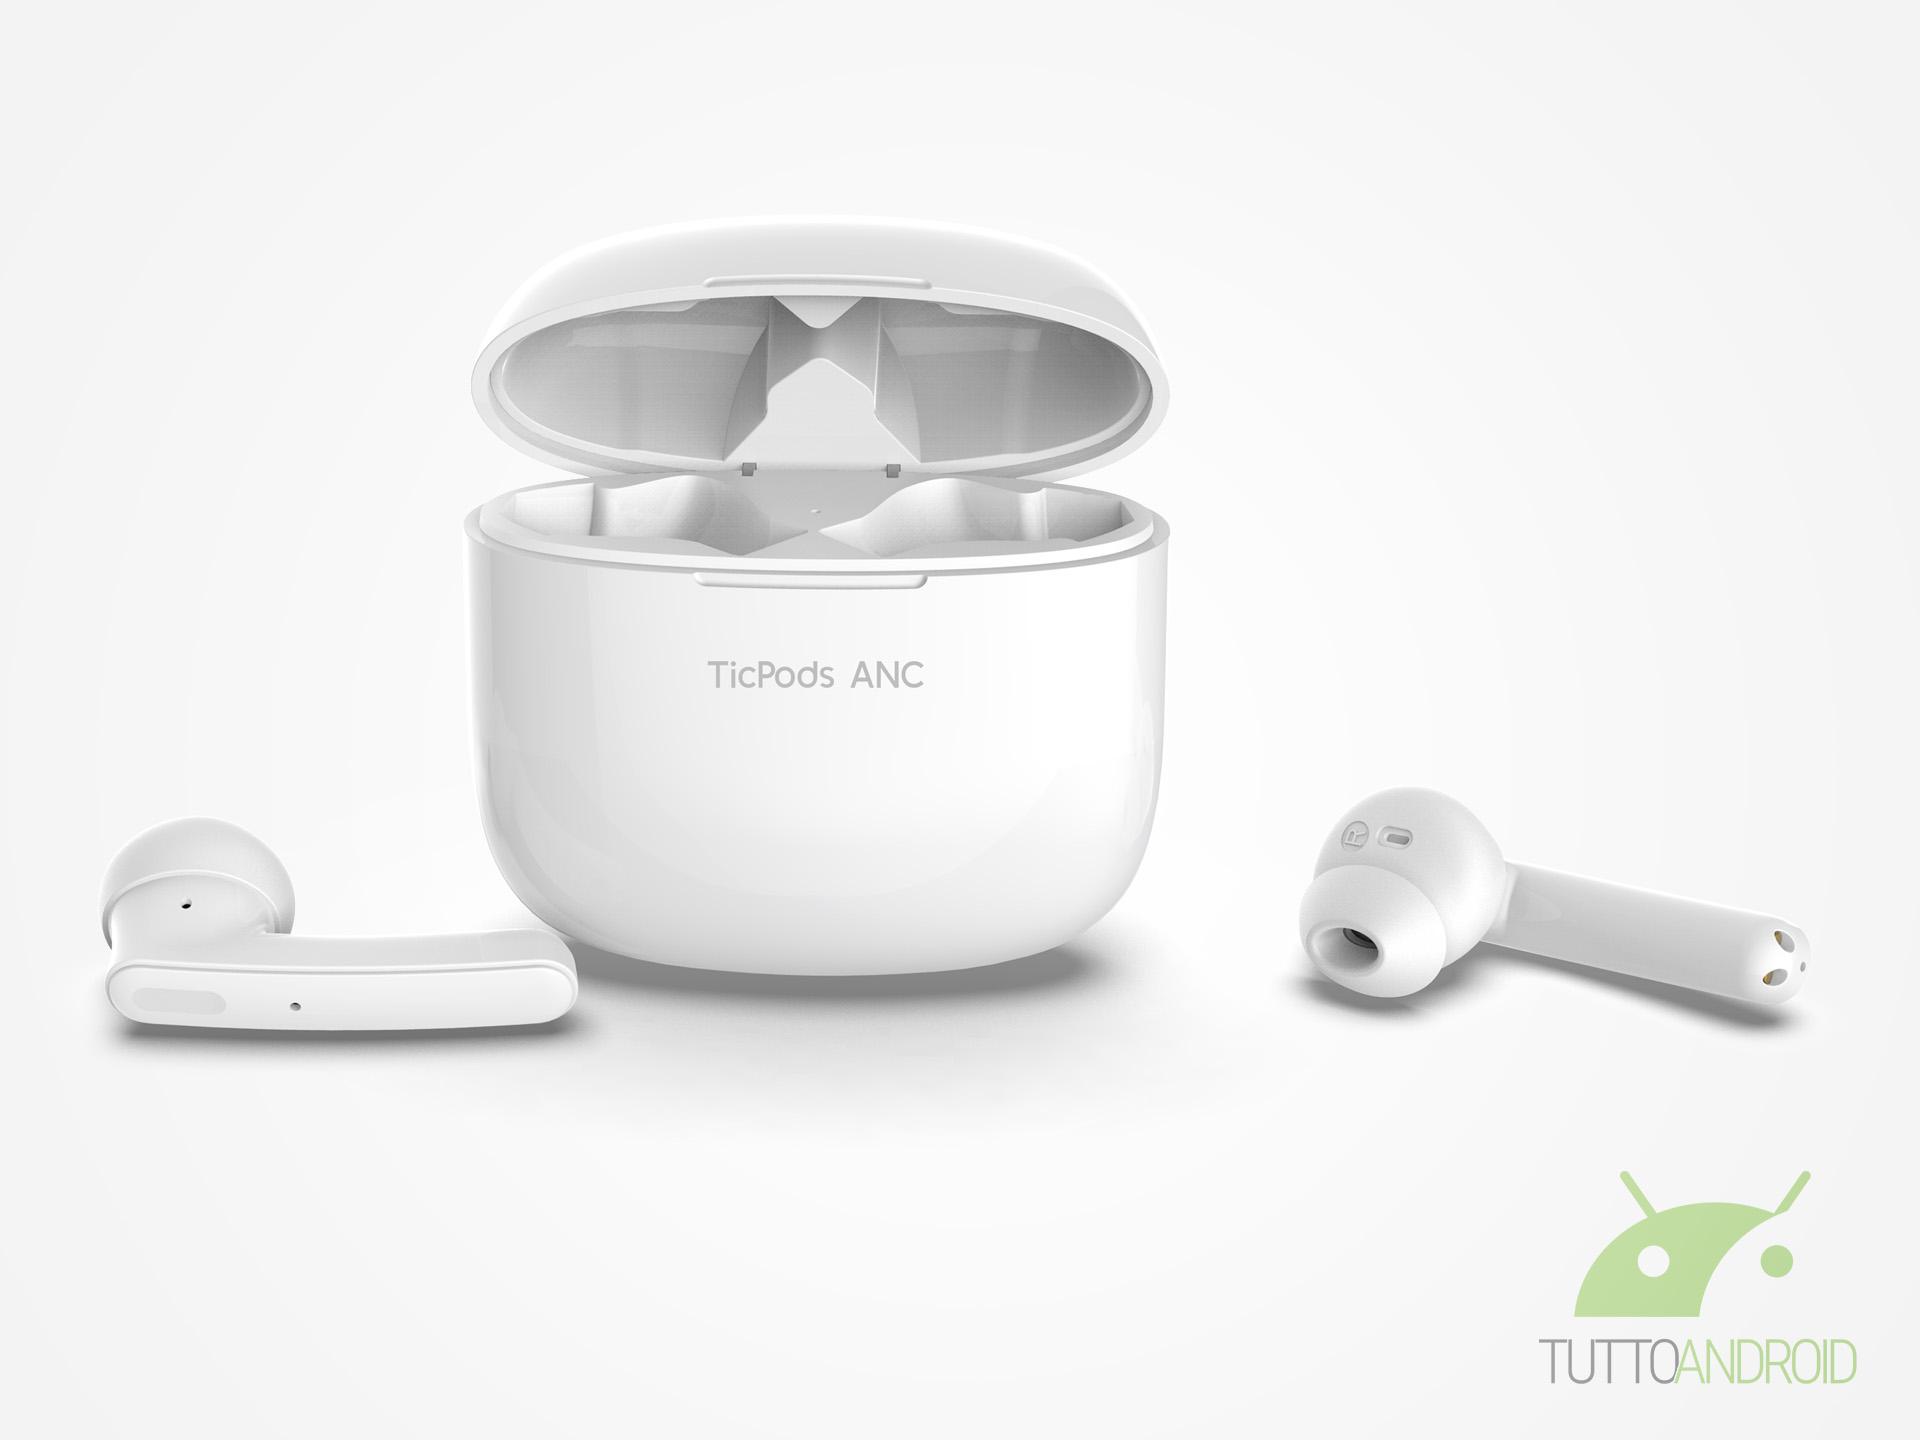 Mobvoi lancia le cuffie true wireless TicPods ANC con intell